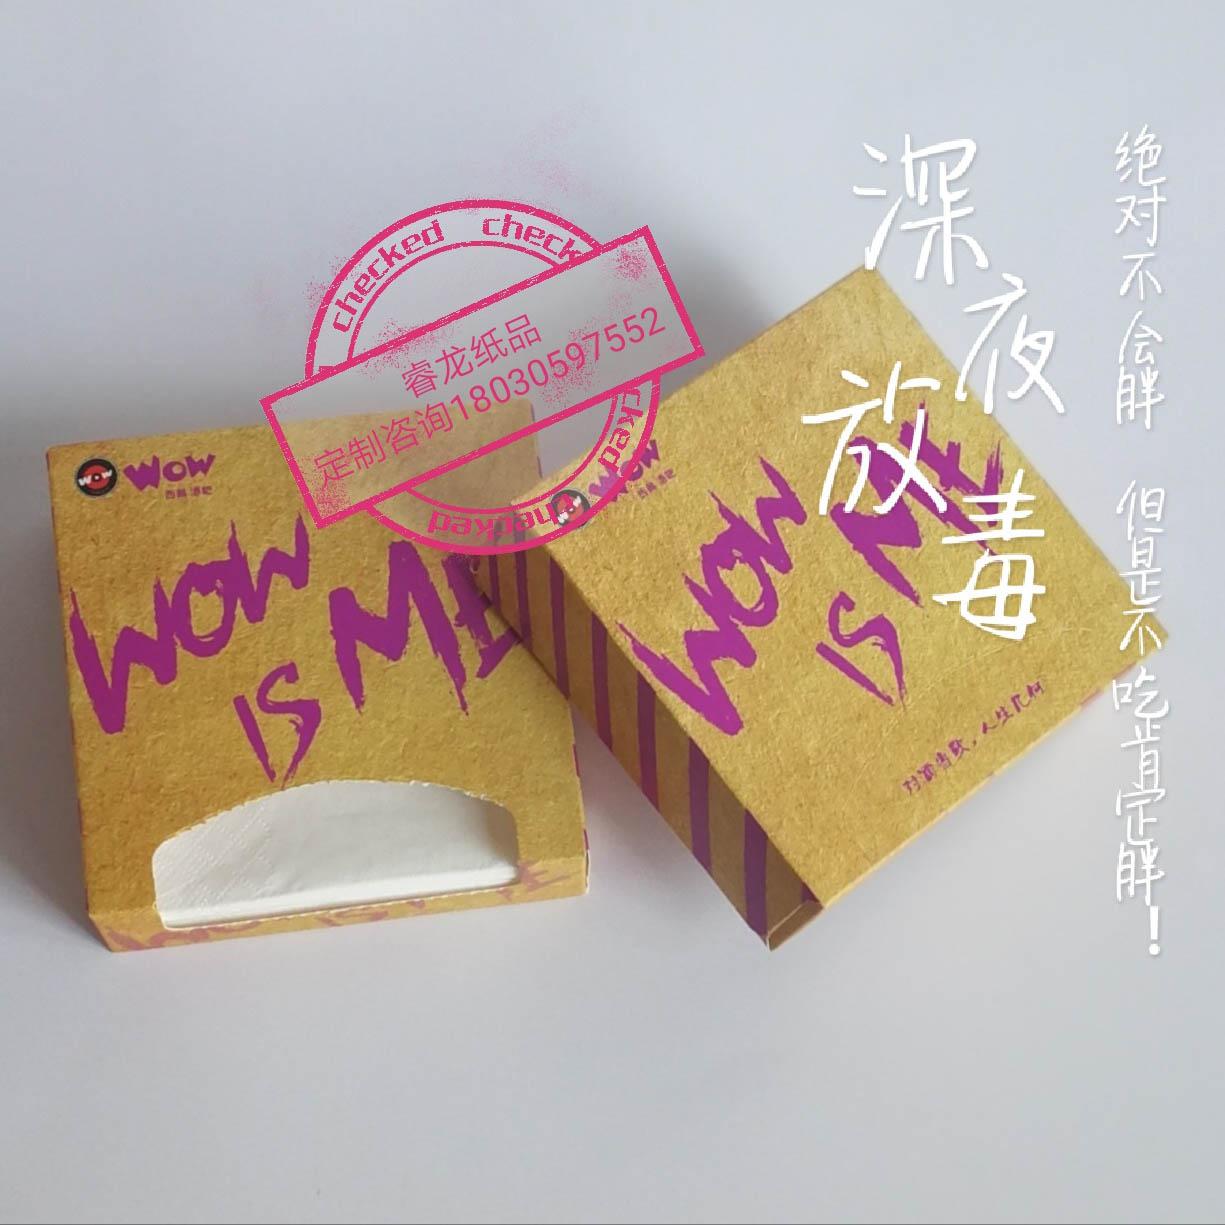 四川高端自助餐盒装餐巾纸➹180◈3059◈7552订做☎